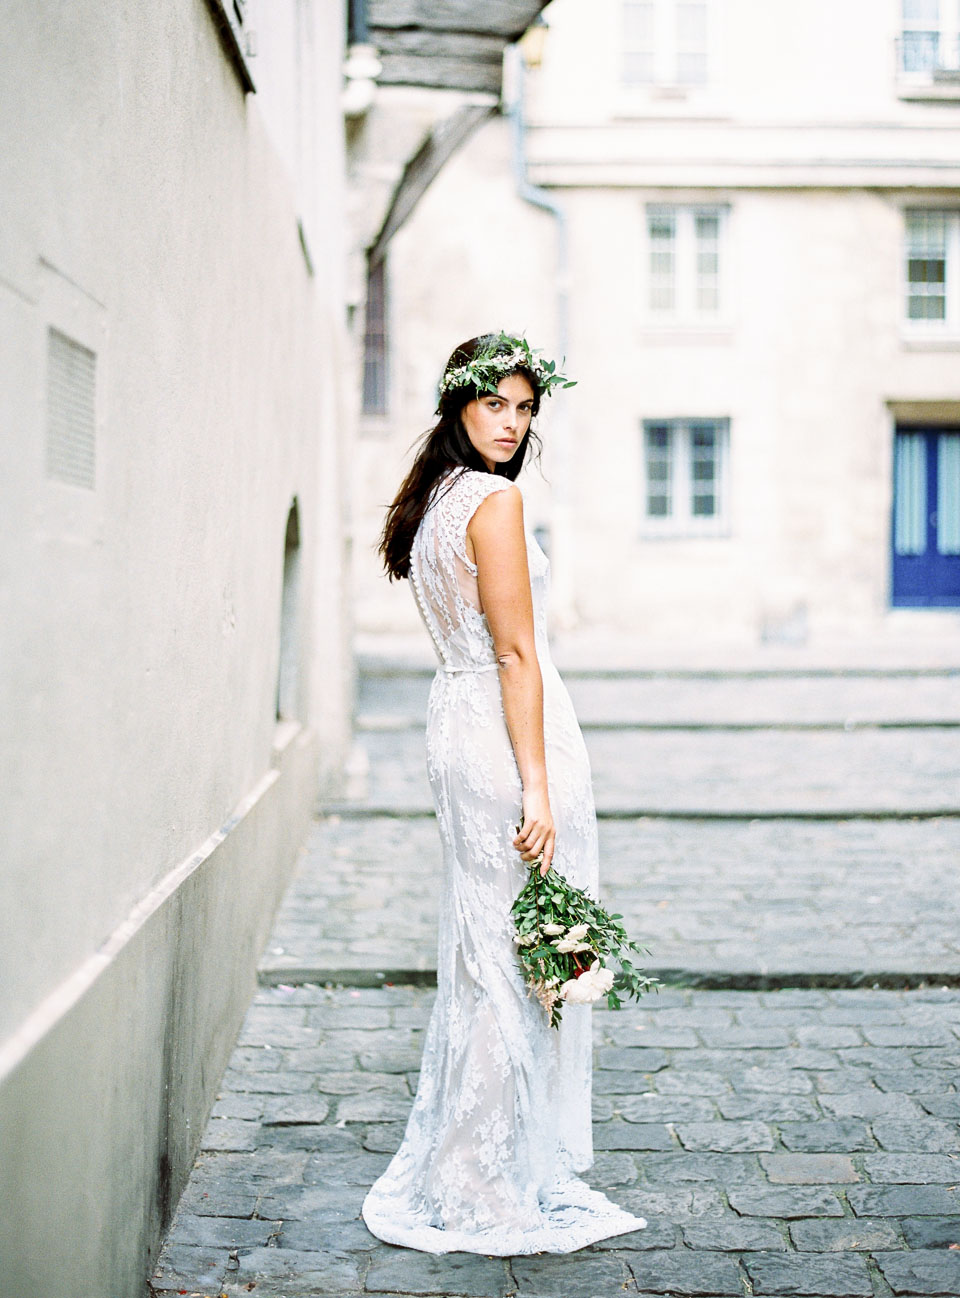 Editorial_RueDeSeine_Wedding_Gowns_JeanLaurentGaudy_FULL007